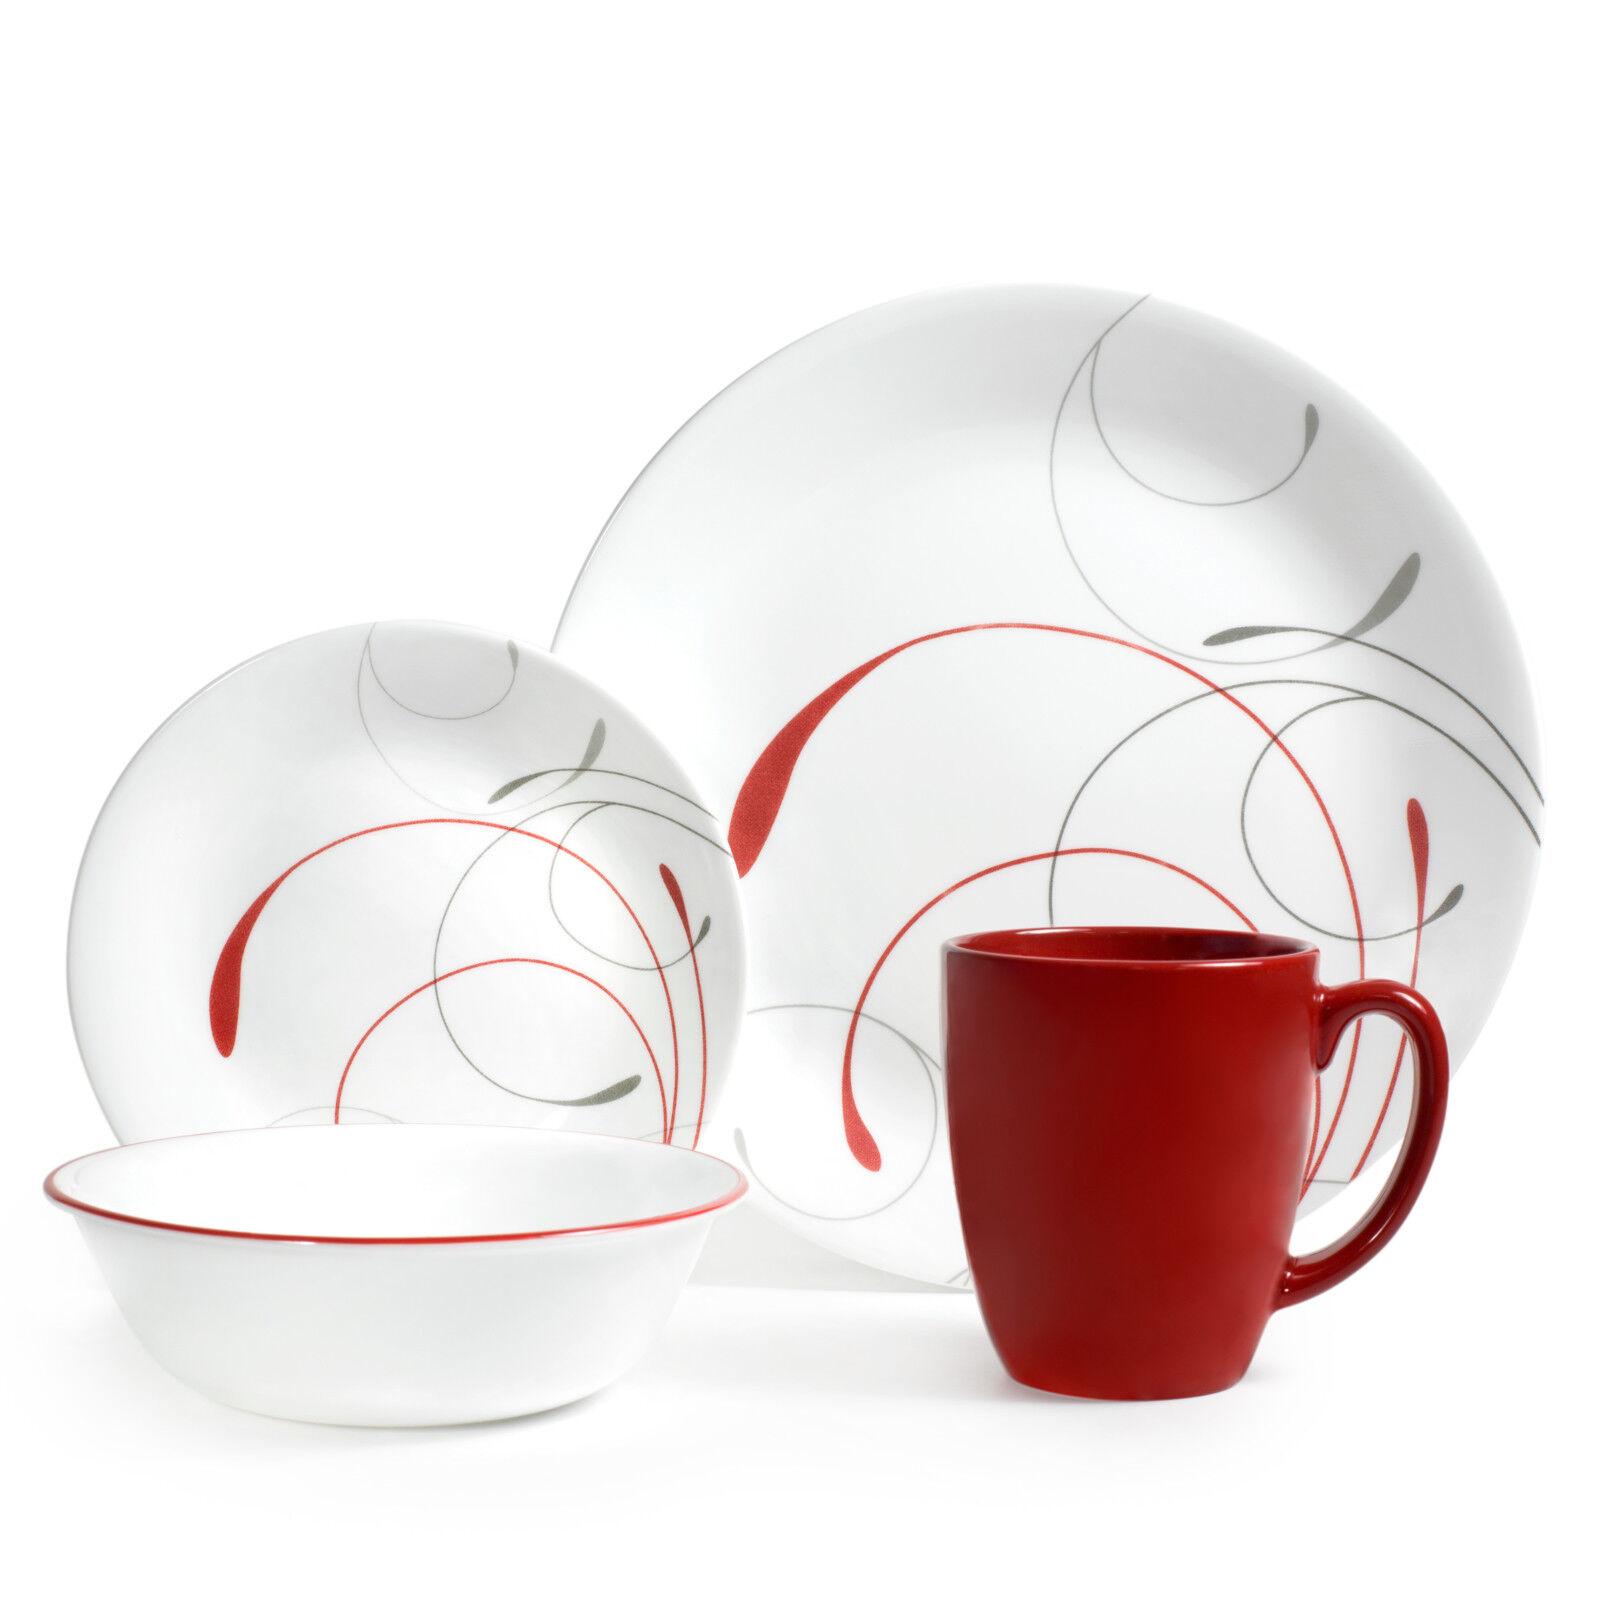 Corelle White Dinnerware Set 16 Piece Dishes Plates Bowls Kitchen Round Glass